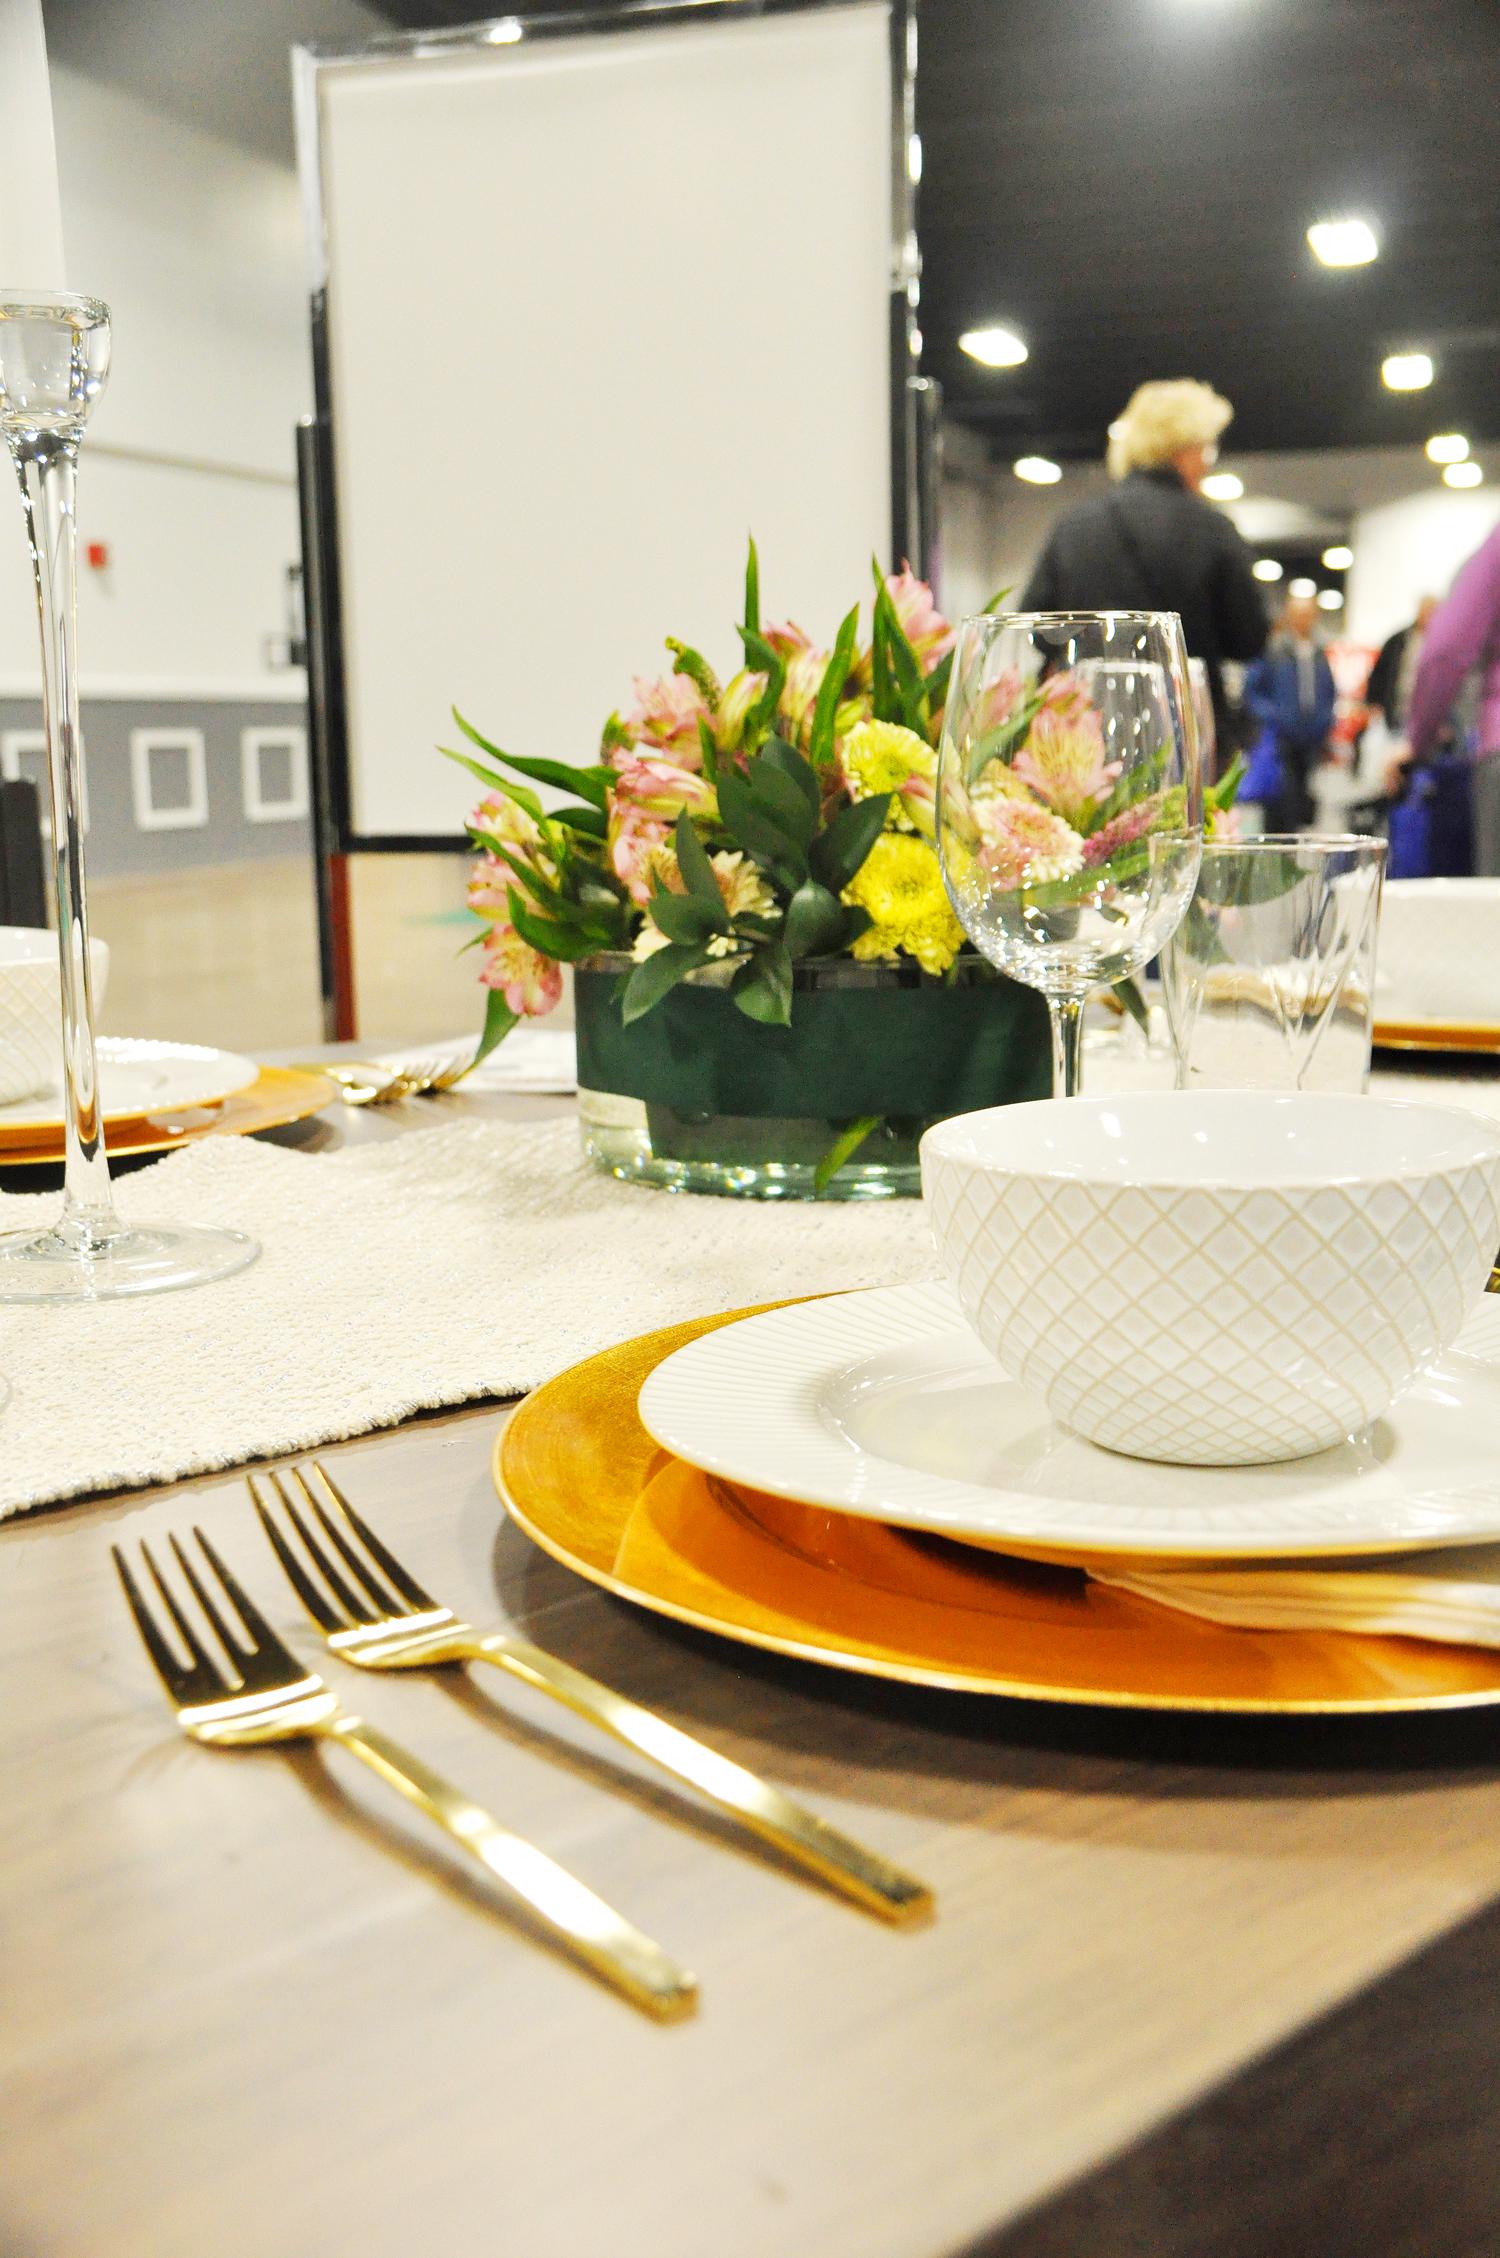 Home-Show-Feminine-Sophisticated-Elegant-Tablescape-Table-Setting-15.jpg